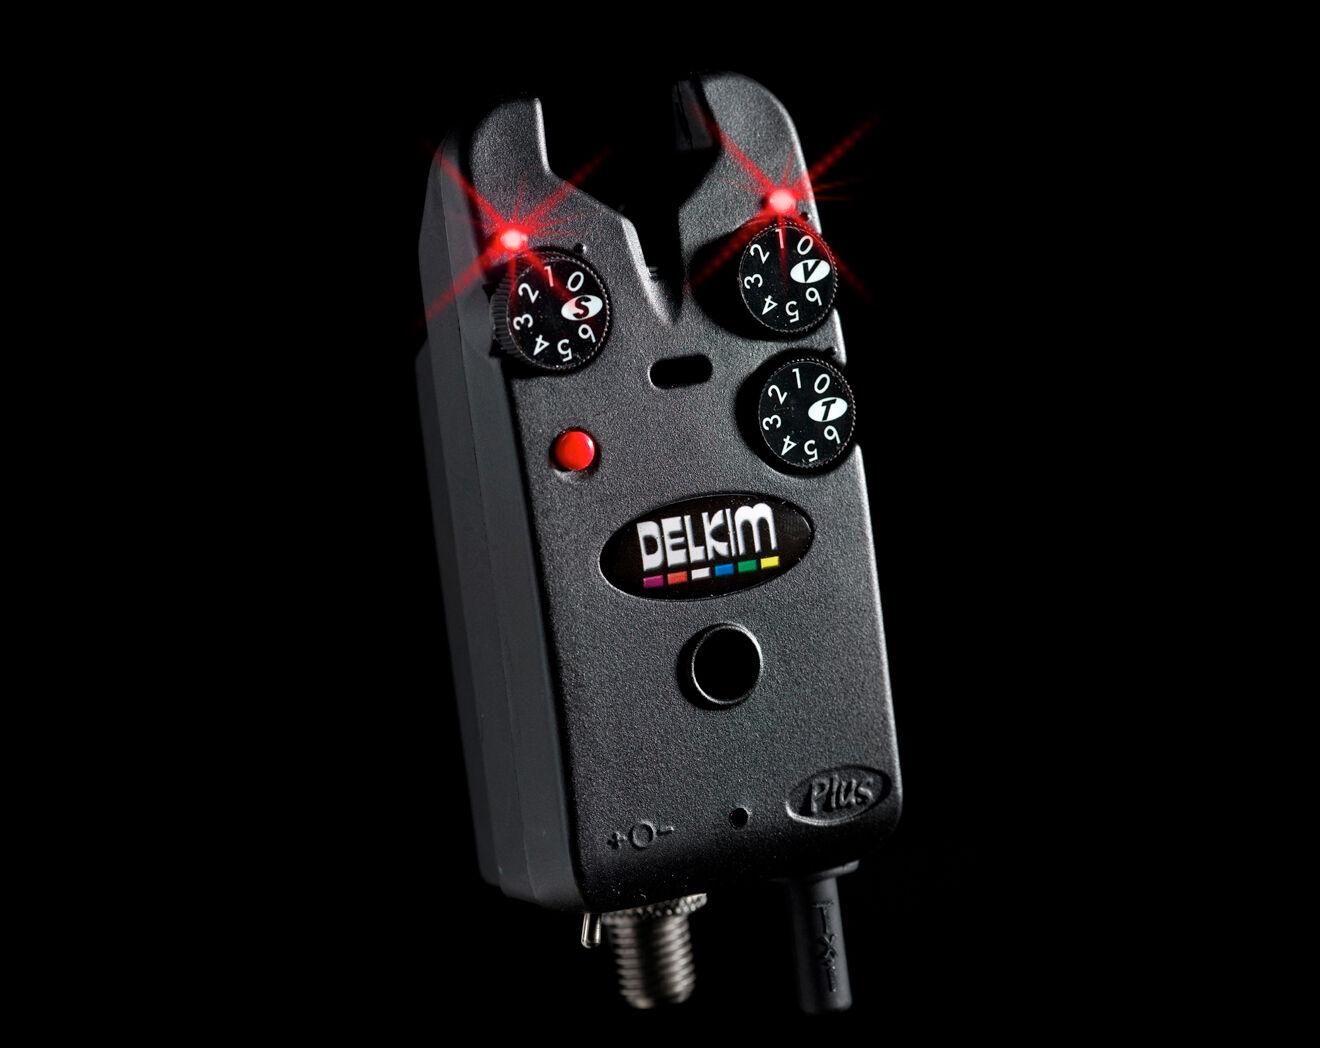 Delkim Tx-i Plus Electronic Bite Alarm - Red   TXI Indicator   Carp Fishing